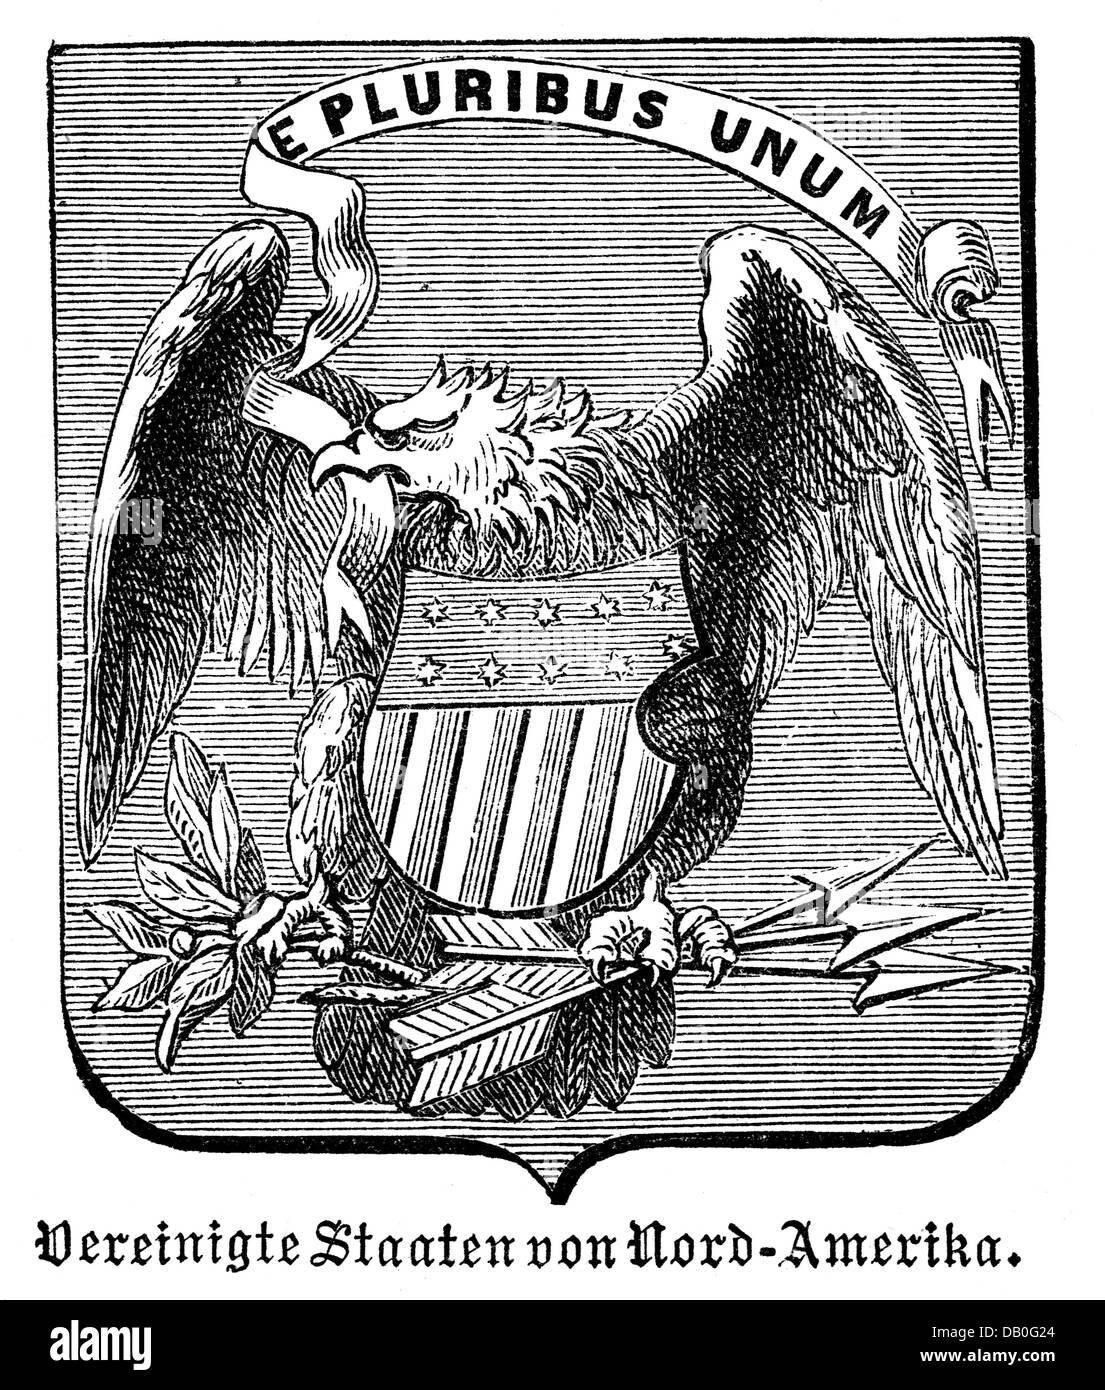 Eraldica, stemma, USA, stemma statale degli Stati Uniti d'America, incisione in legno, 1872, diritti aggiuntivi-clearences-non disponibile Foto Stock